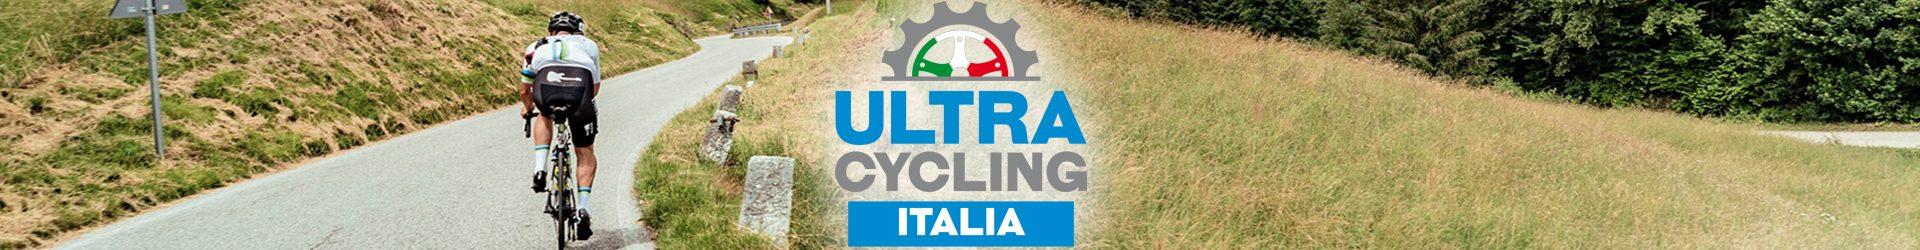 Il portale dell'Ultracycling in Italia